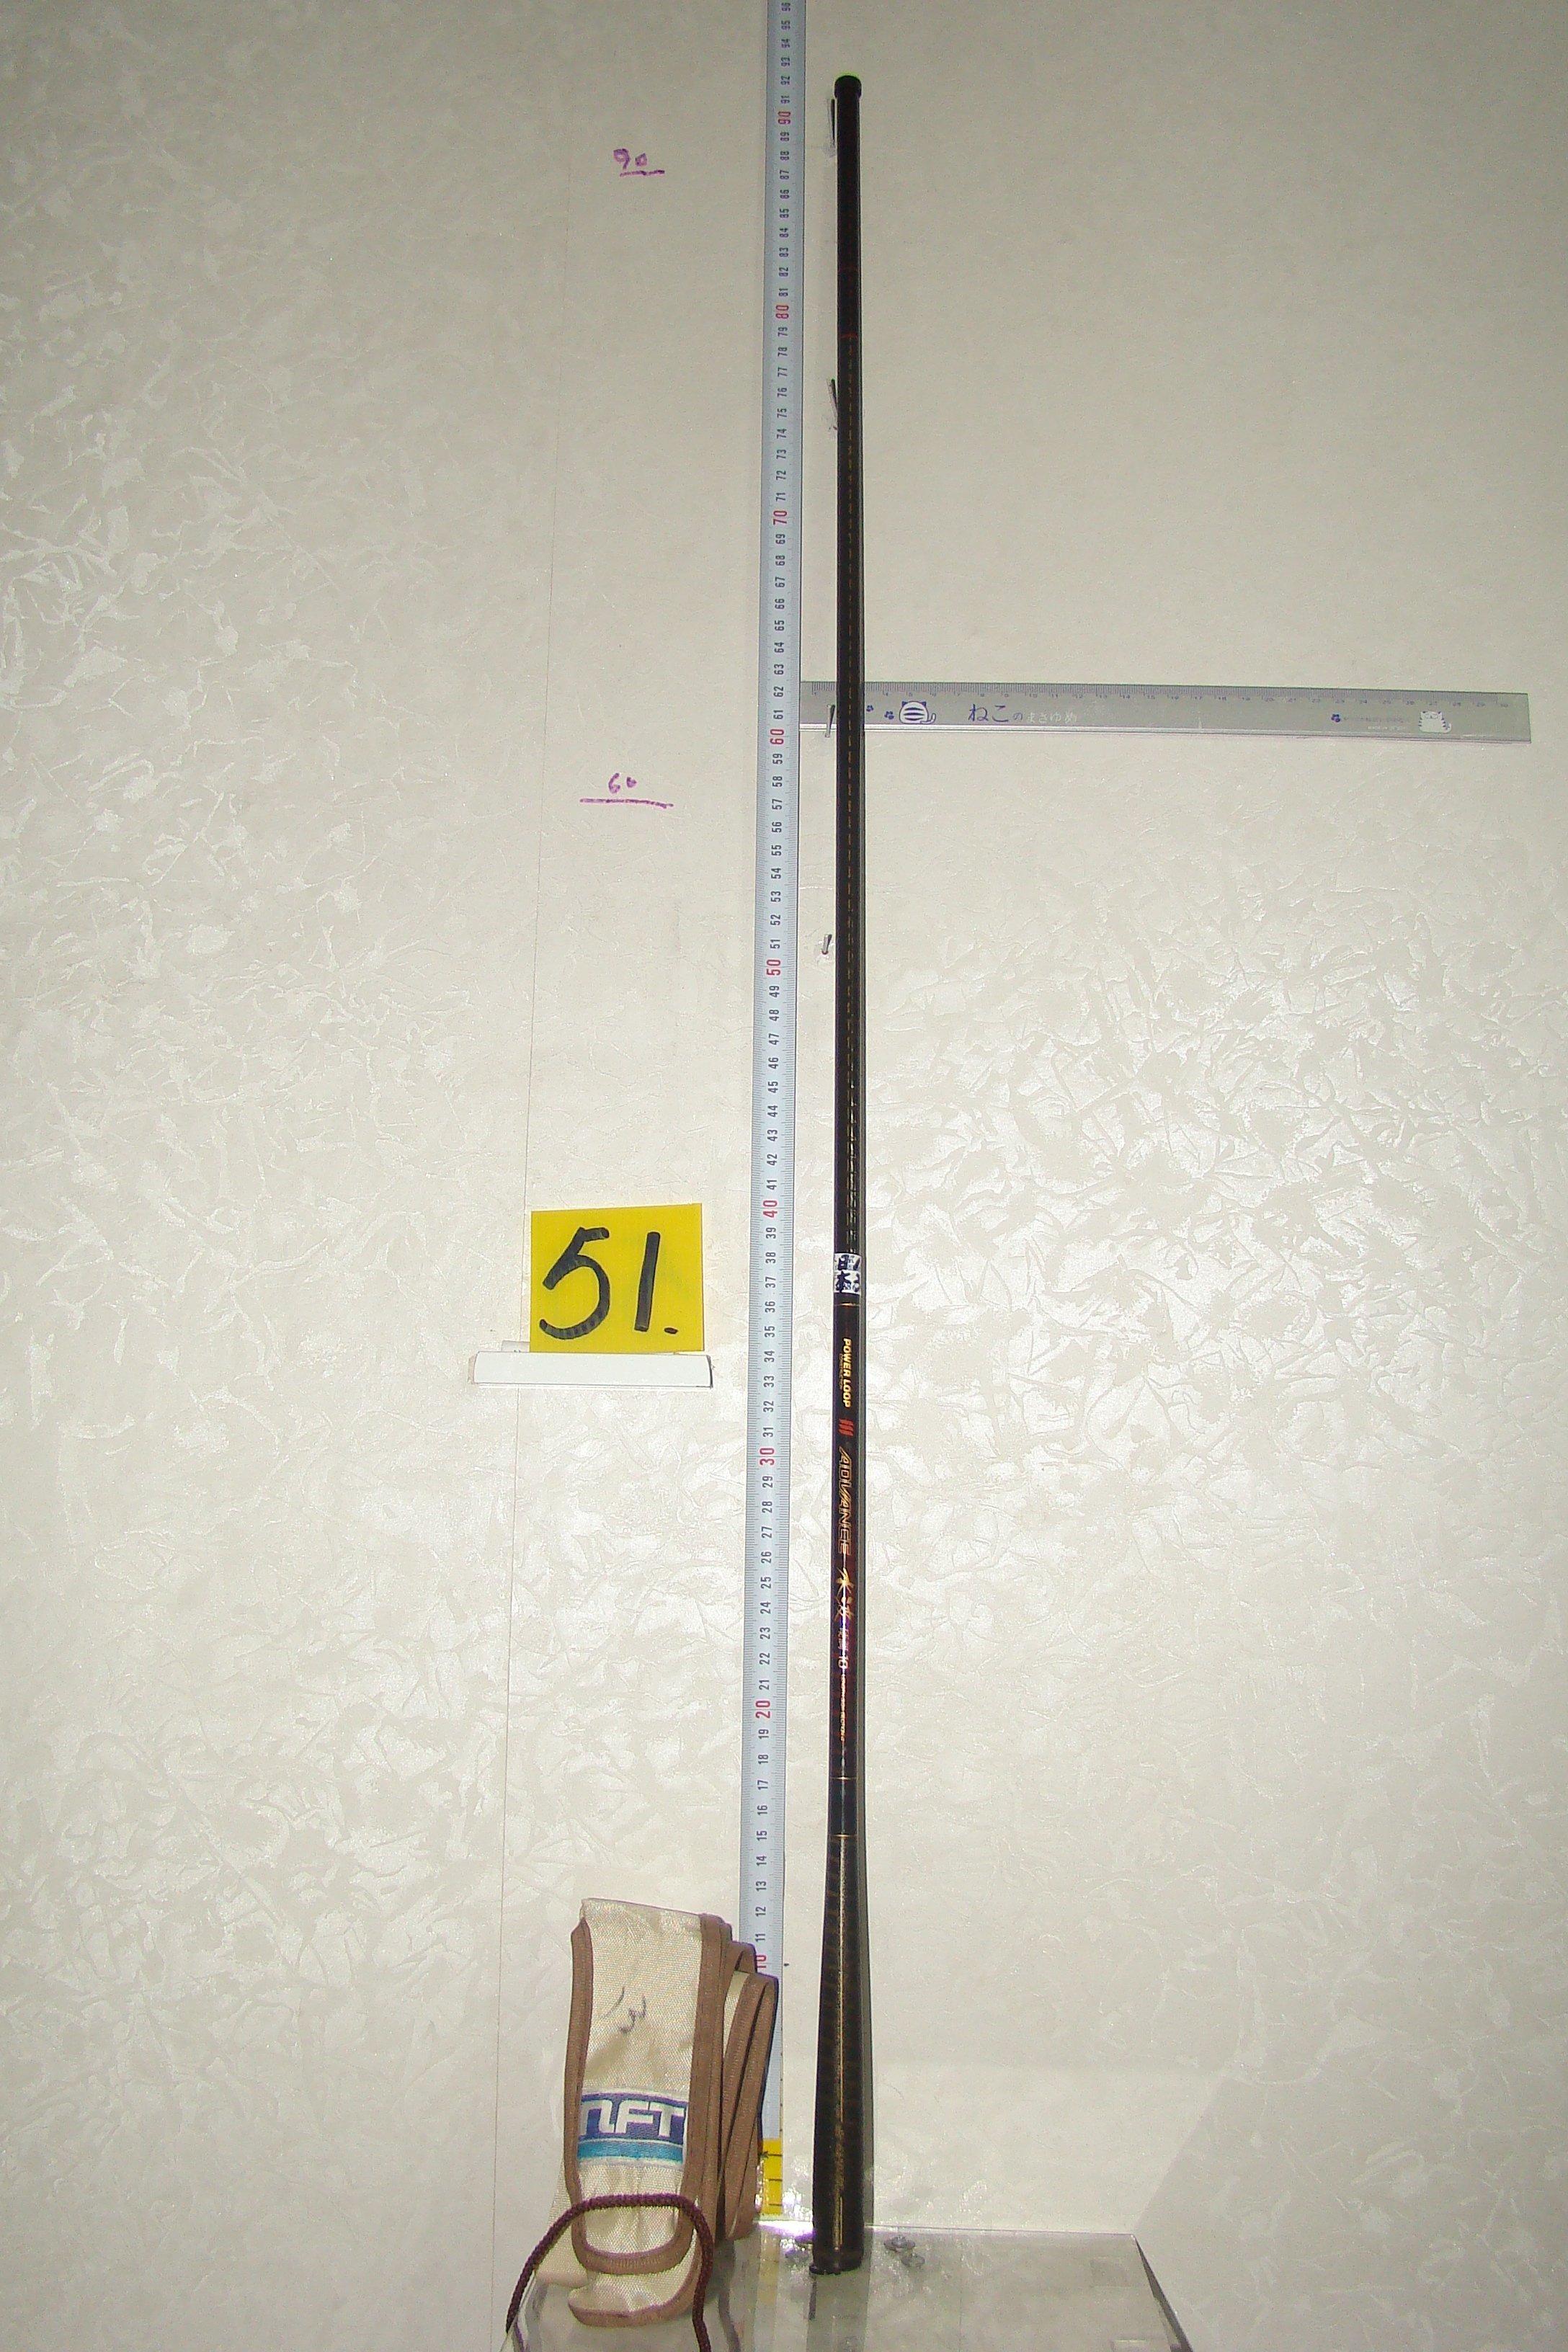 采潔日本二手外匯釣具 日本10尺 ADVANCE水波硬調NFT 10 《筏竿.路亞竿.船竿 前打竿》二手釣竿 A51